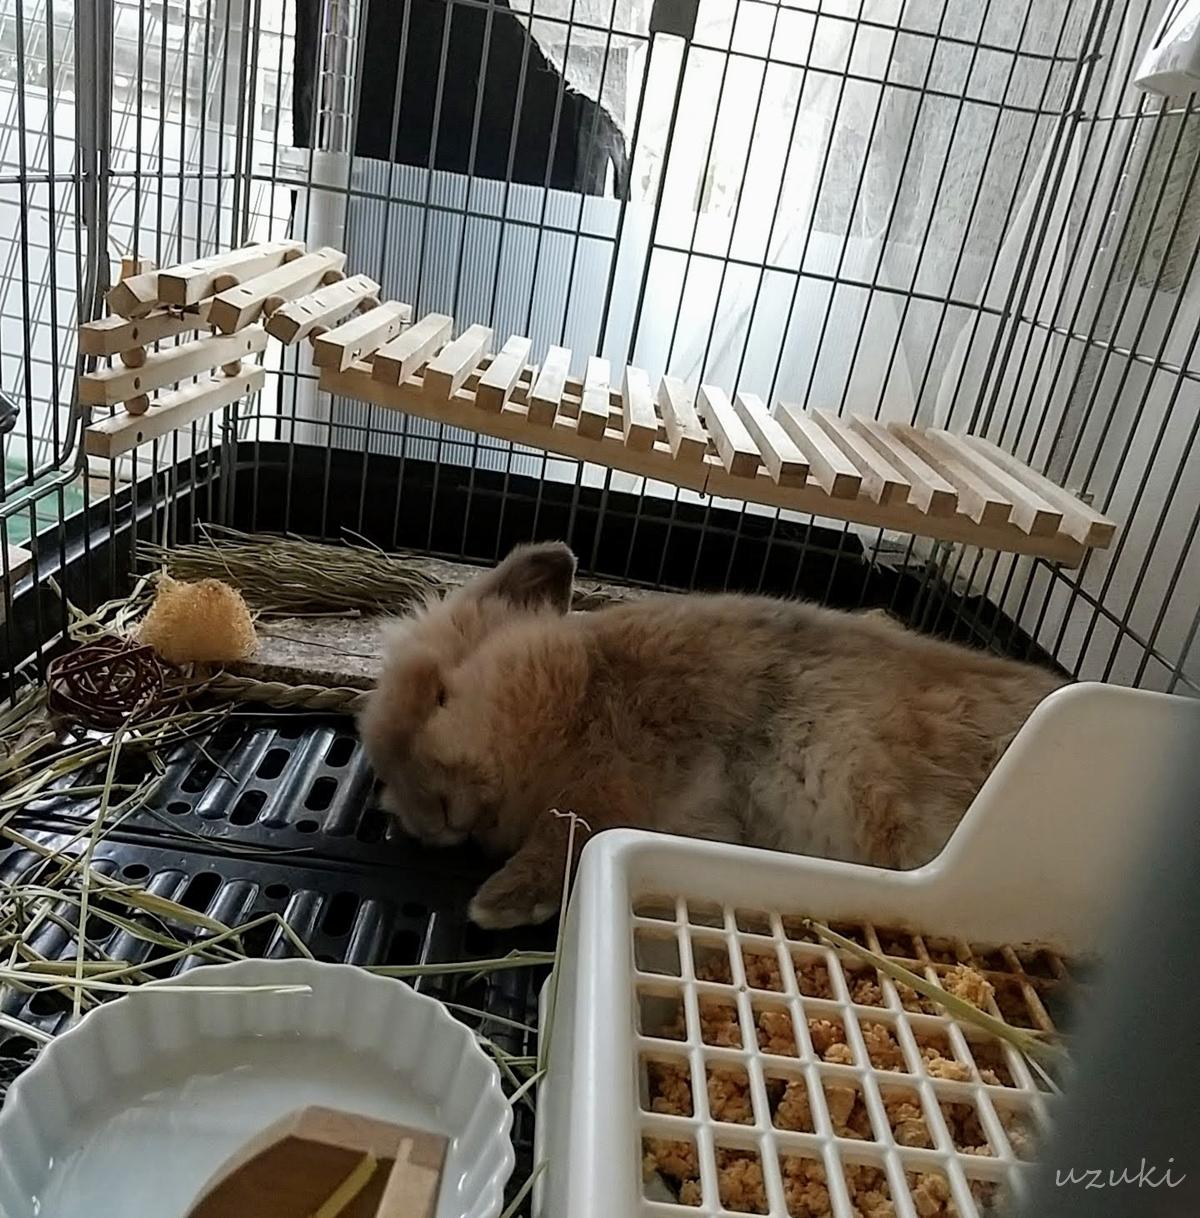 ケージで眠るうさぎ